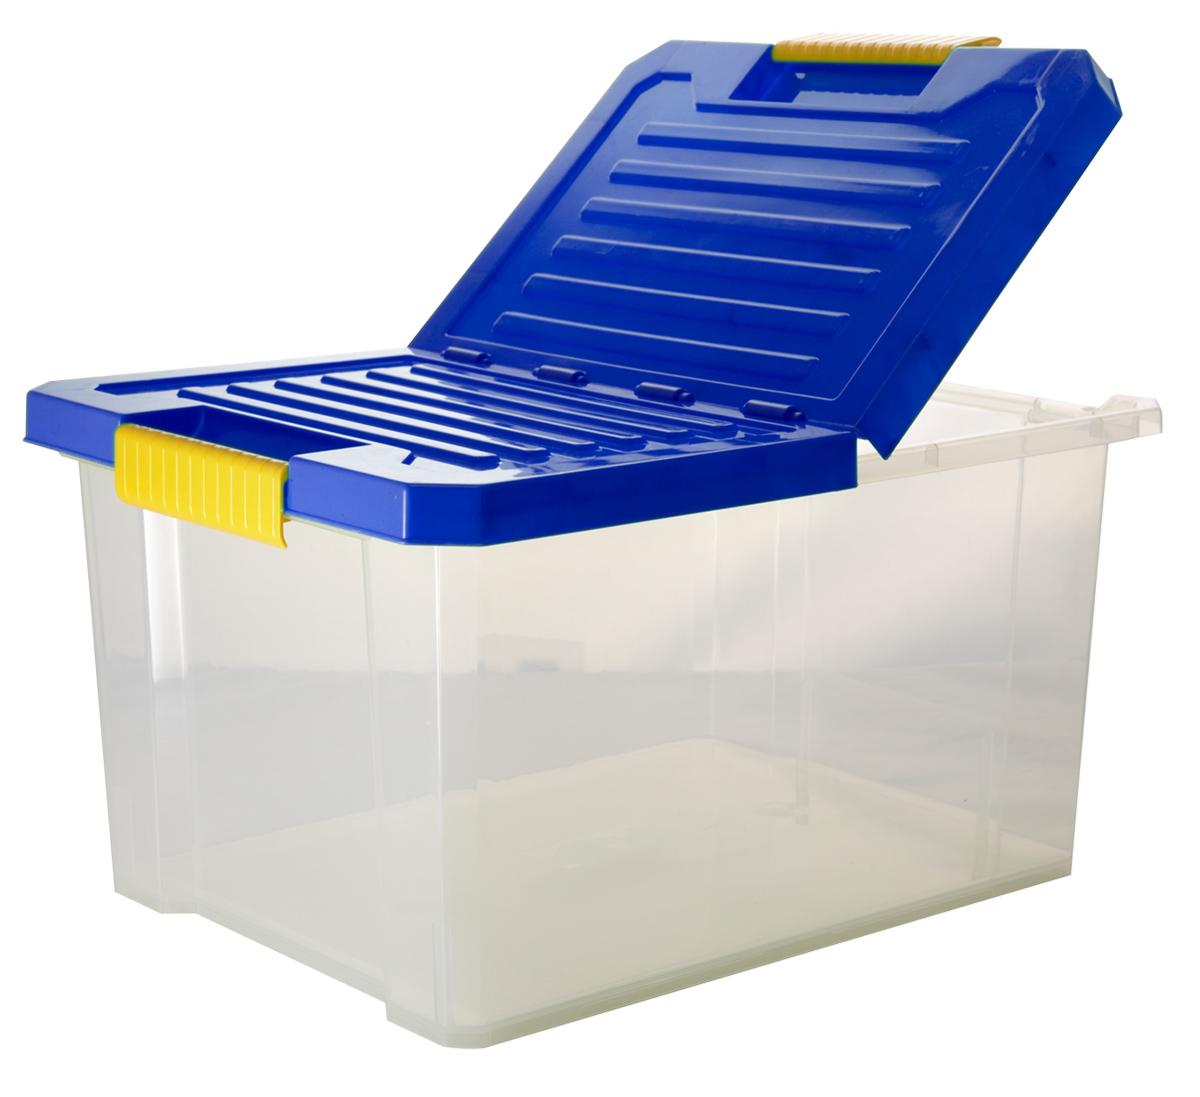 Ящик для хранения BranQ Unibox, цвет: синий, прозрачный, 17 л где купить дешевые детские вещи